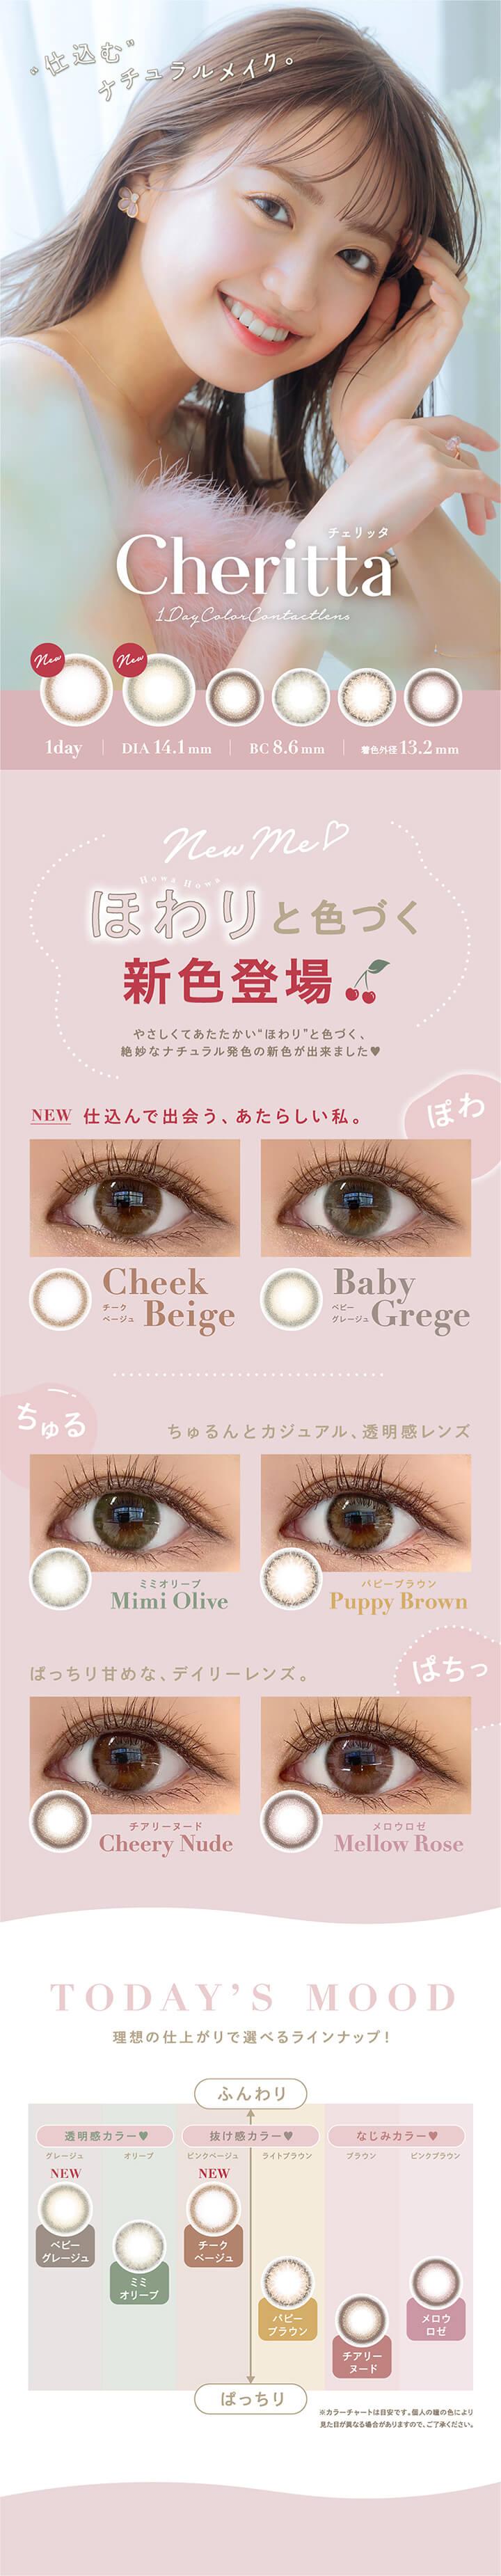 香音ちゃんイメージモデルCheritta(チェリッタ) レンズラインナップ